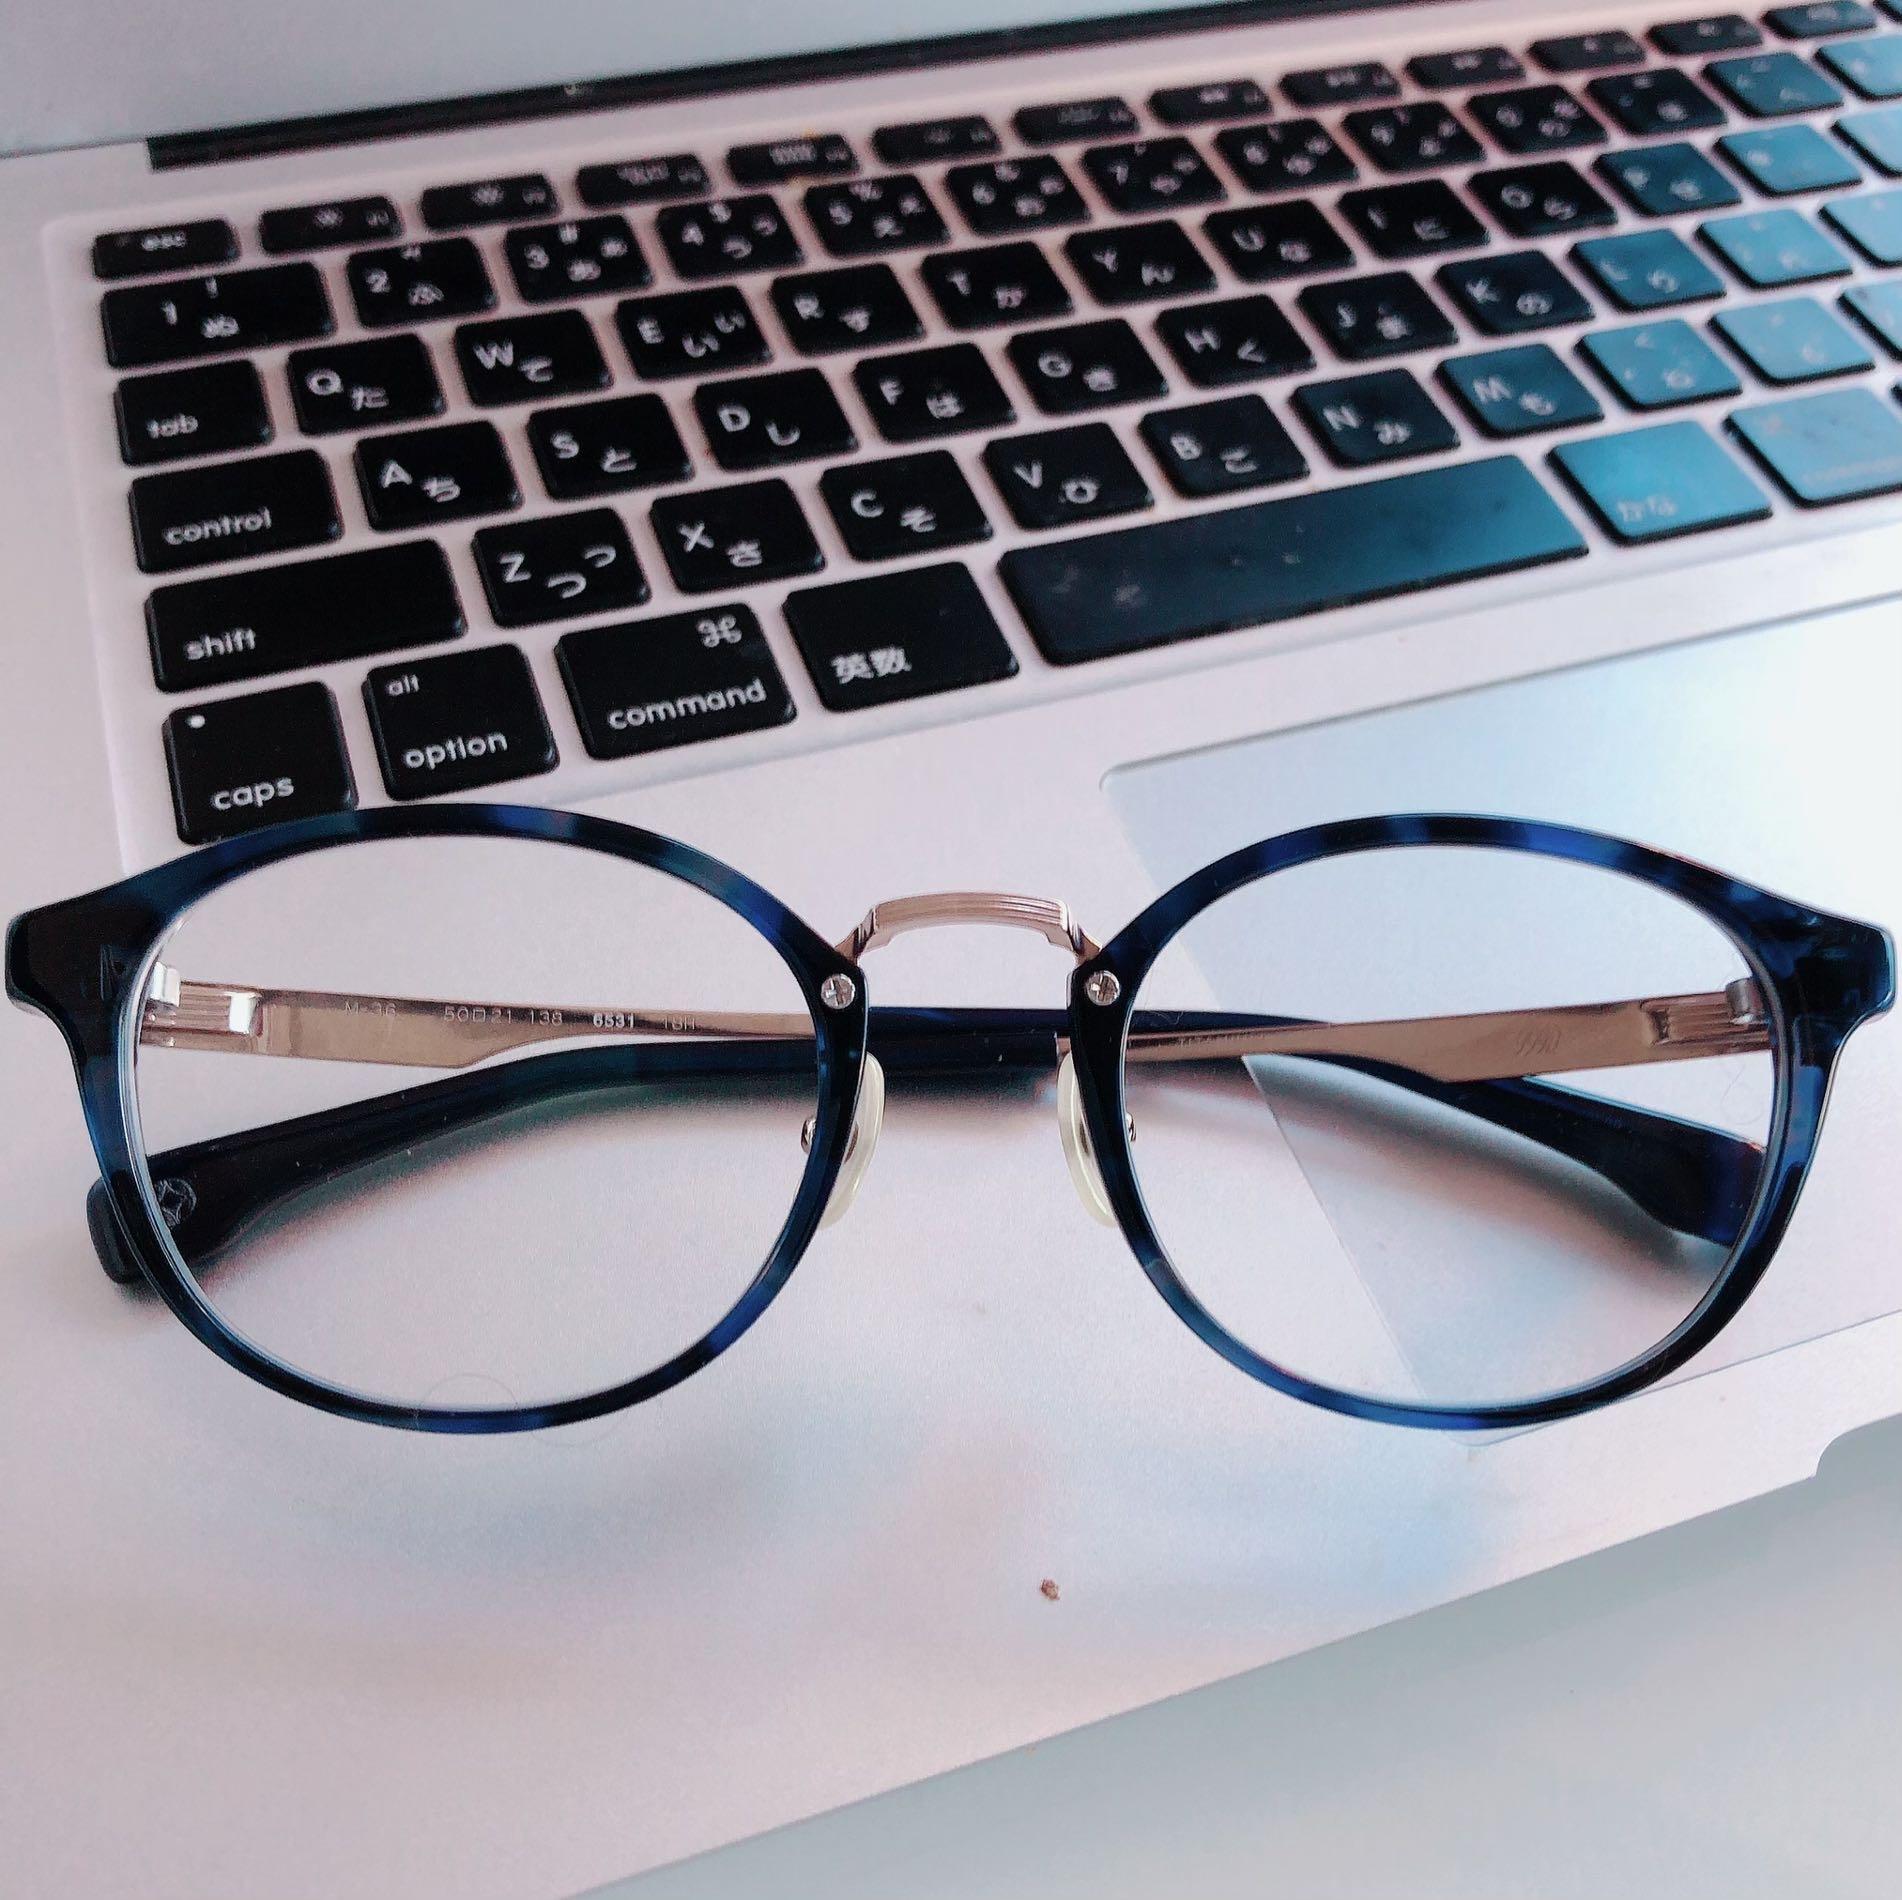 フォーナインズ 999.9 メガネ 眼鏡